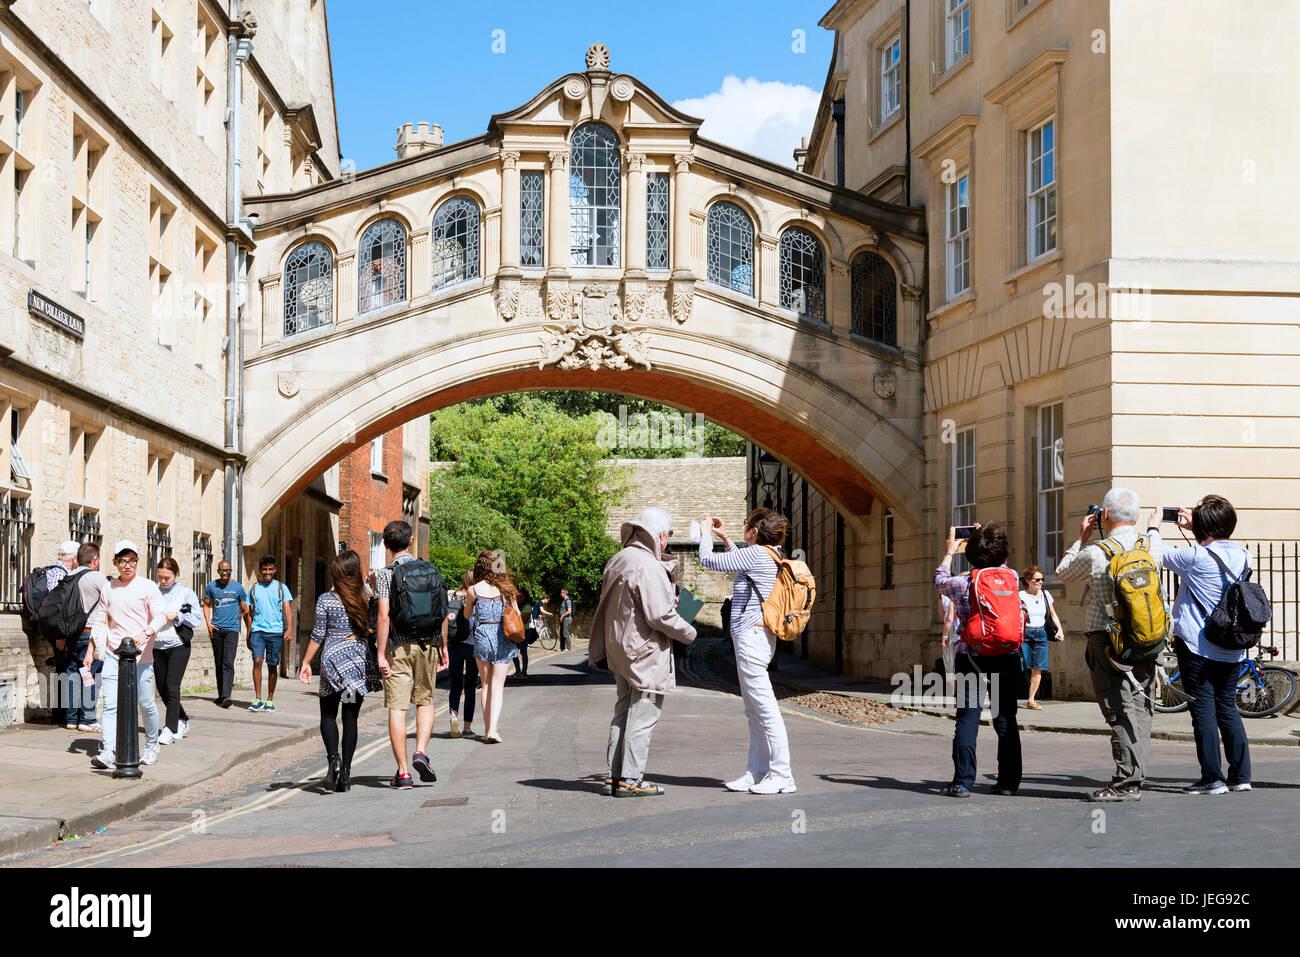 Pont des Soupirs, le Centre d'Oxford, Royaume-Uni. Banque D'Images